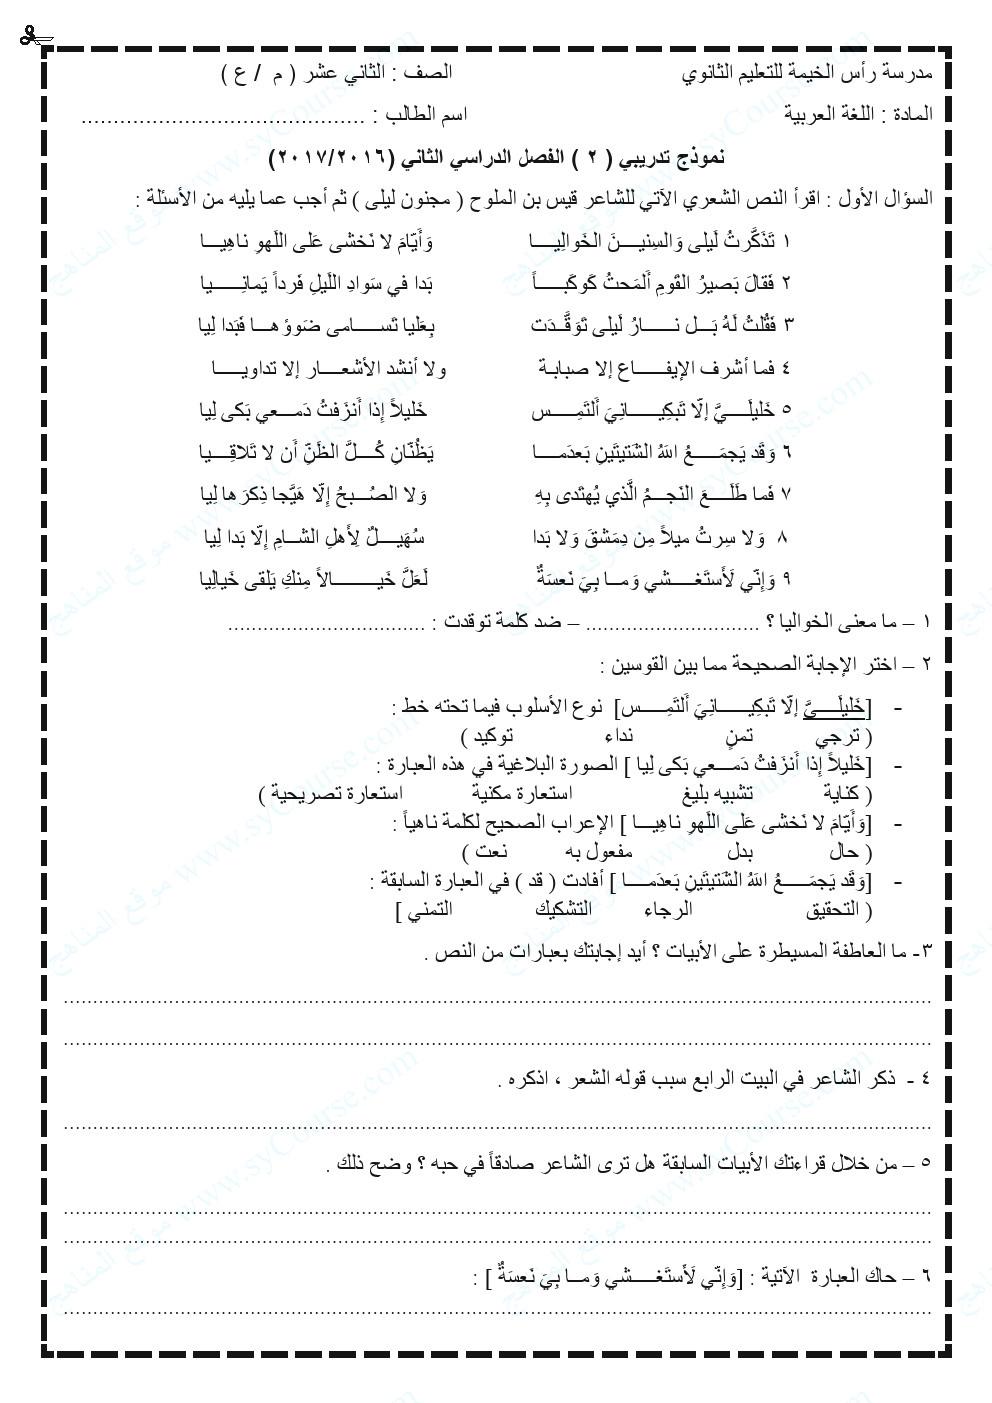 كتاب اللغه العربيه ثاني ثانوي الفصل الدراسي الاول